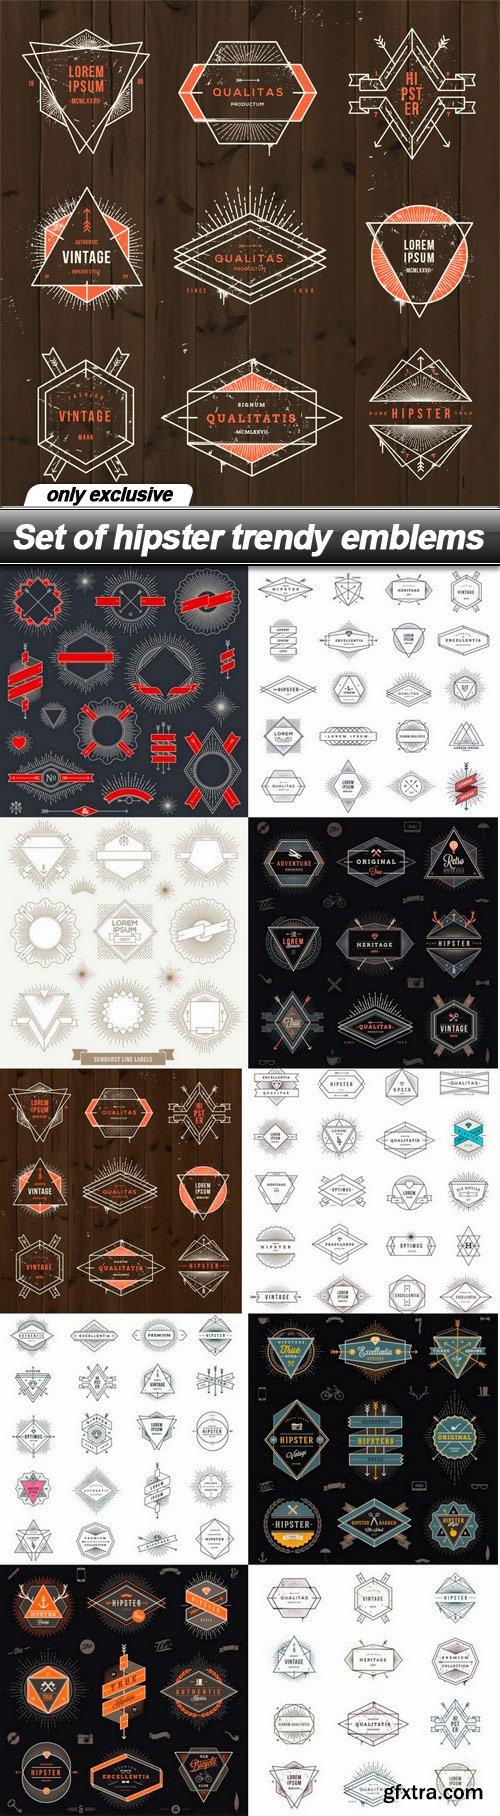 Set of hipster trendy emblems - 10 EPS